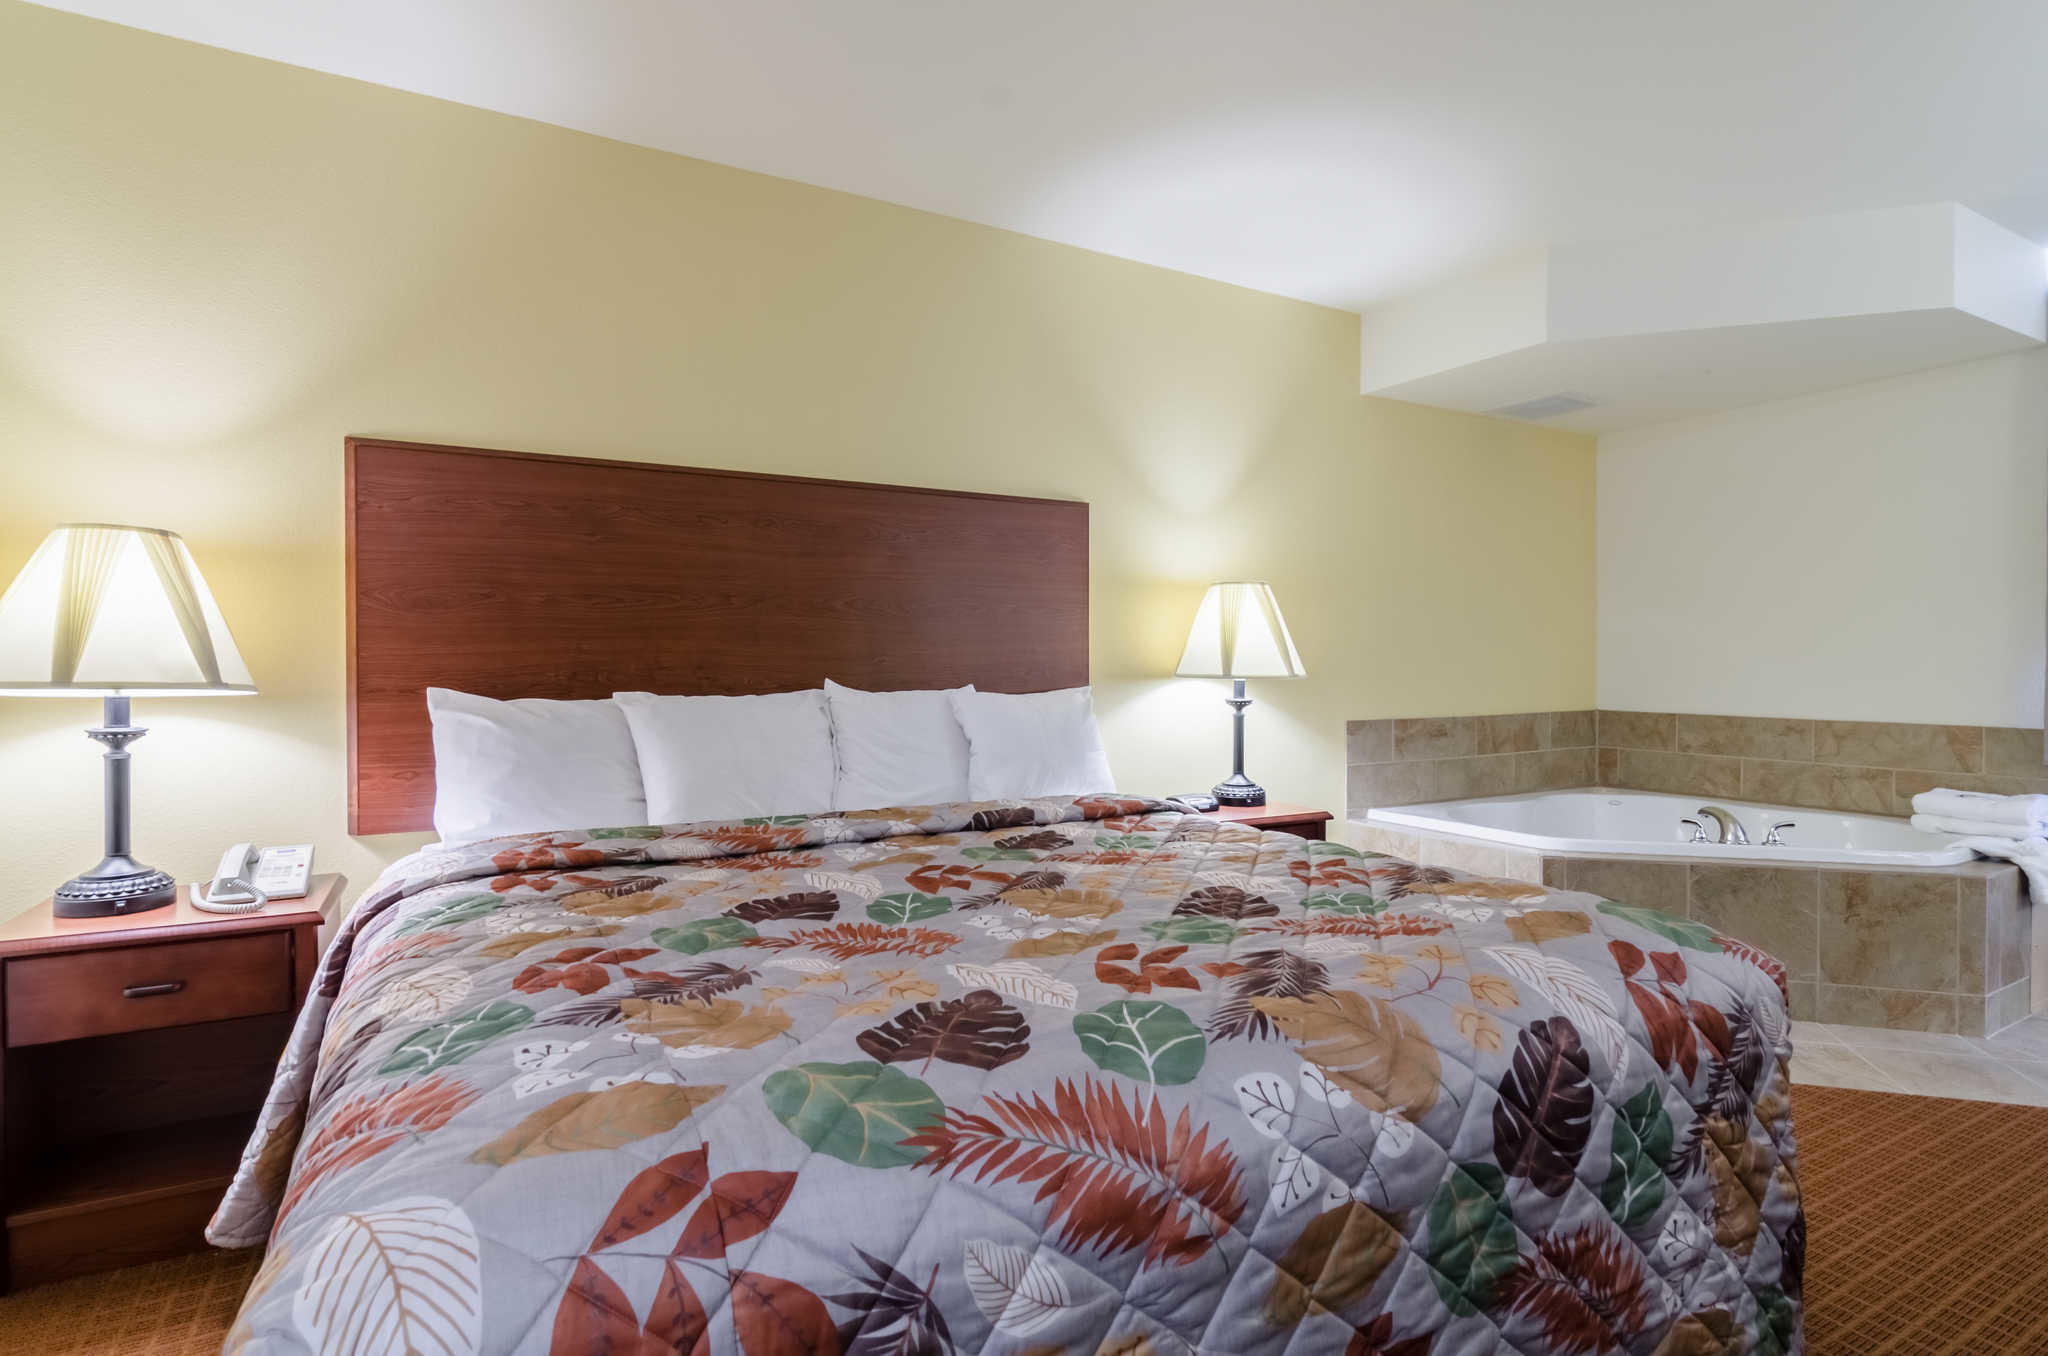 Rodeway Inn & Suites image 20